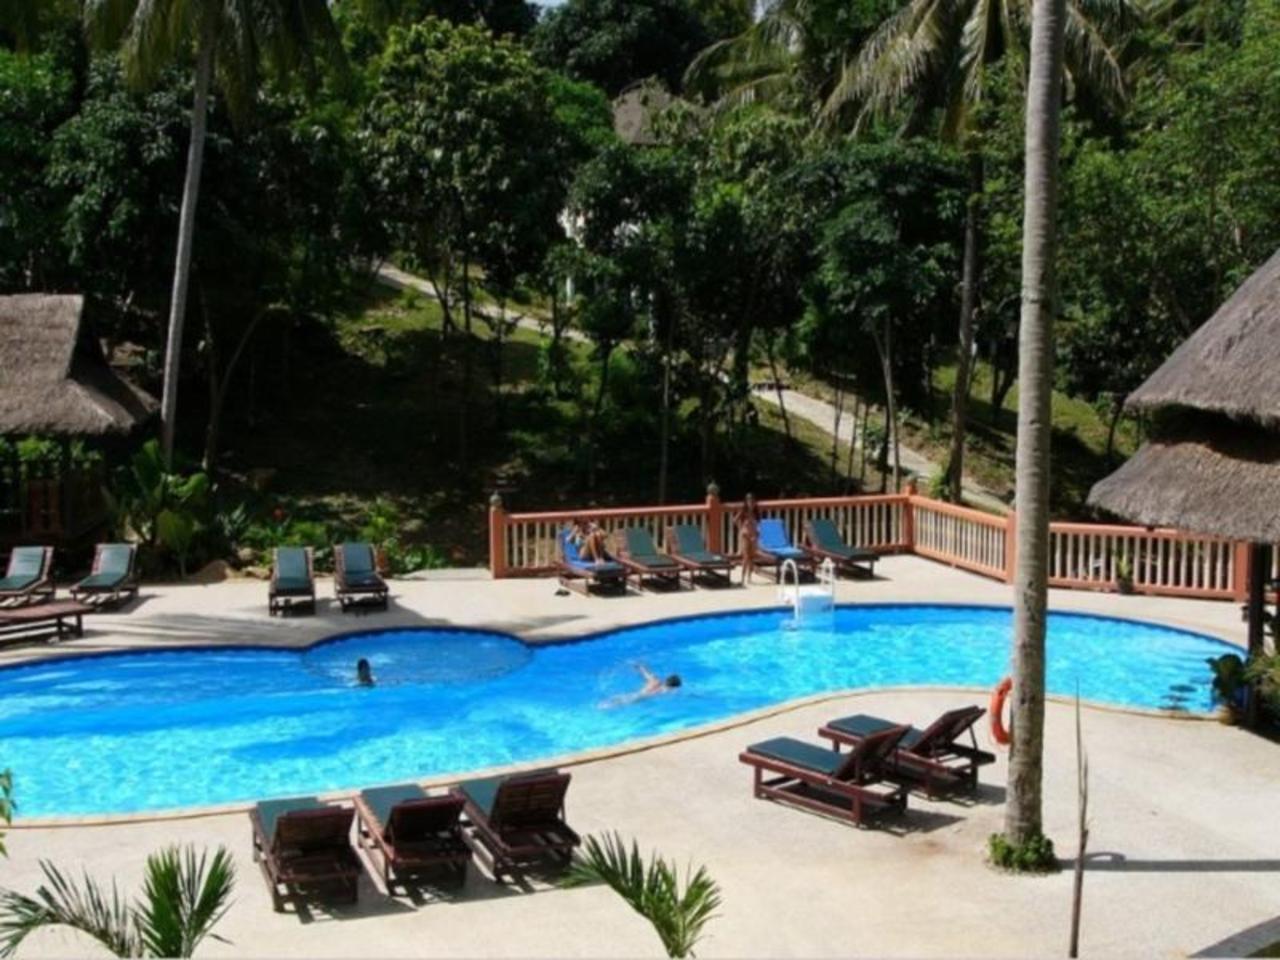 อารยาบุรี รีสอร์ท - พีพี (Arayaburi Resort - Phi Phi)